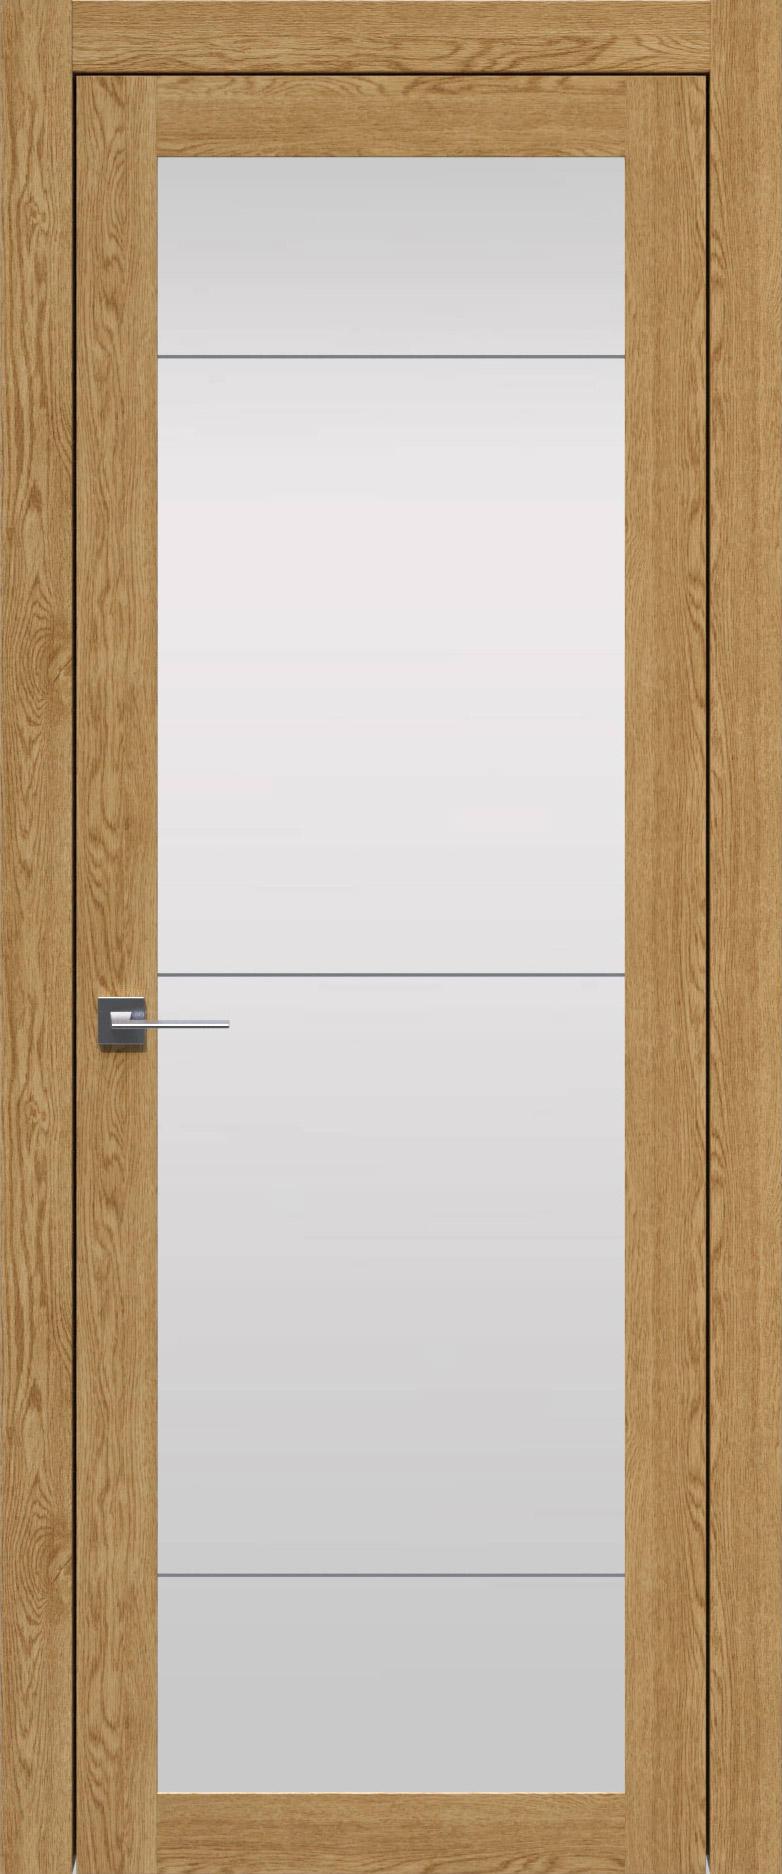 Tivoli З-3 цвет - Дуб натуральный Со стеклом (ДО)